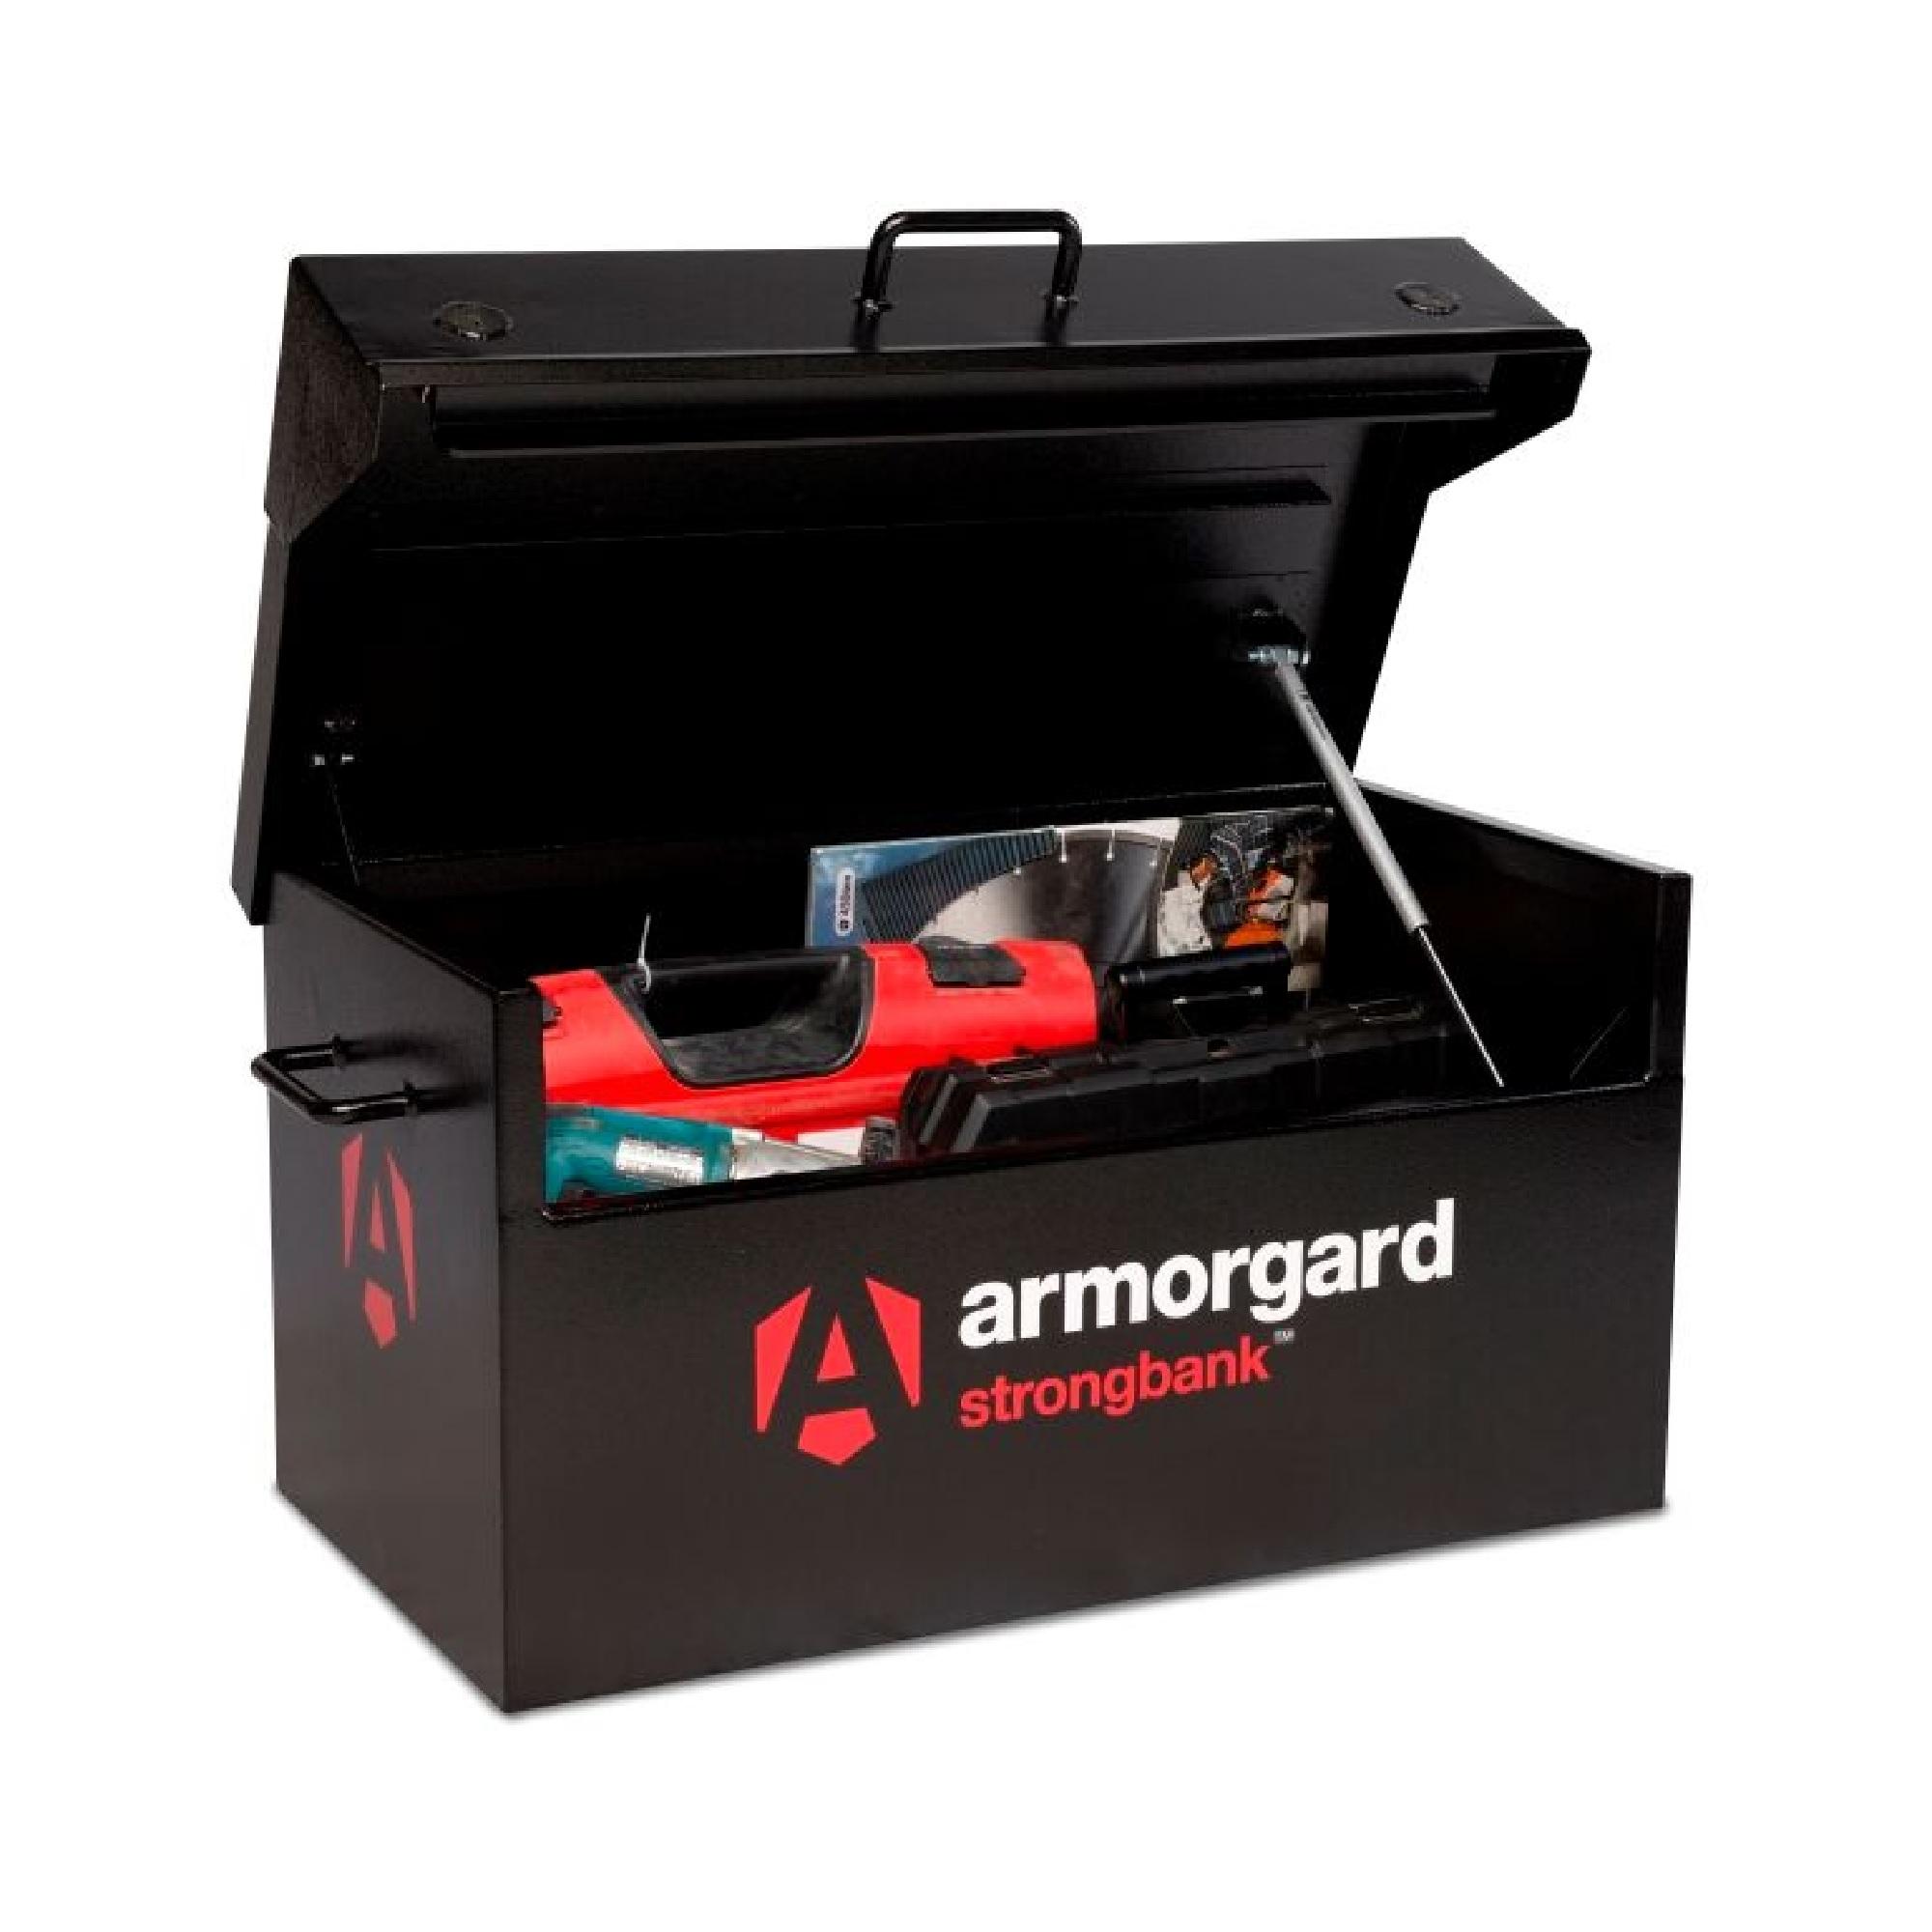 Armorgard Strongbank Van Box SB1